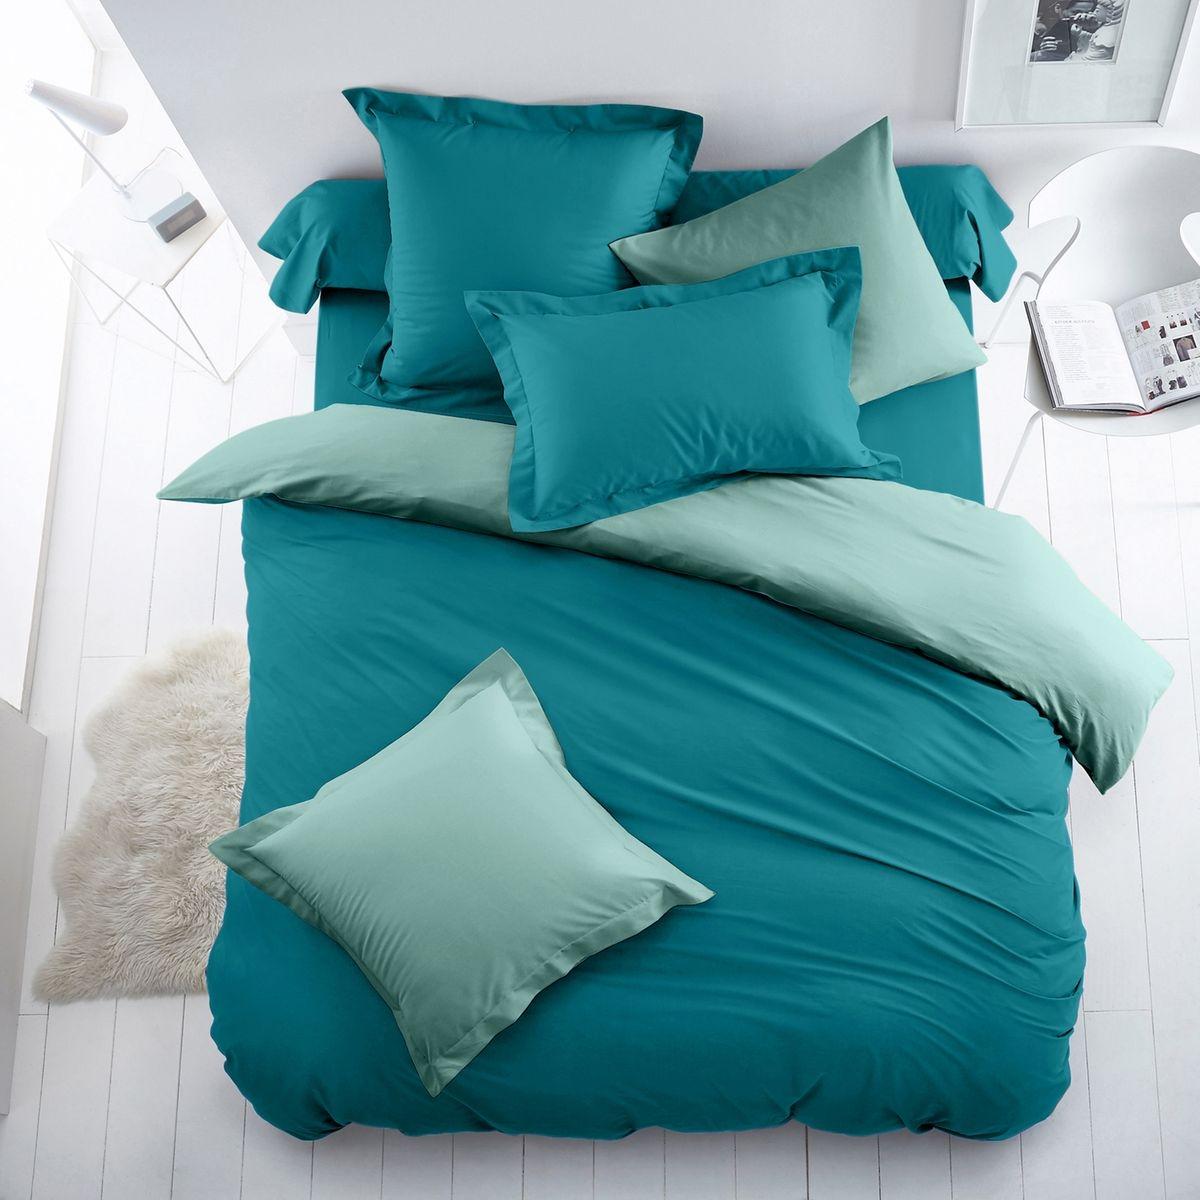 promo linge de maison promo linge de lit plemle newyork. Black Bedroom Furniture Sets. Home Design Ideas